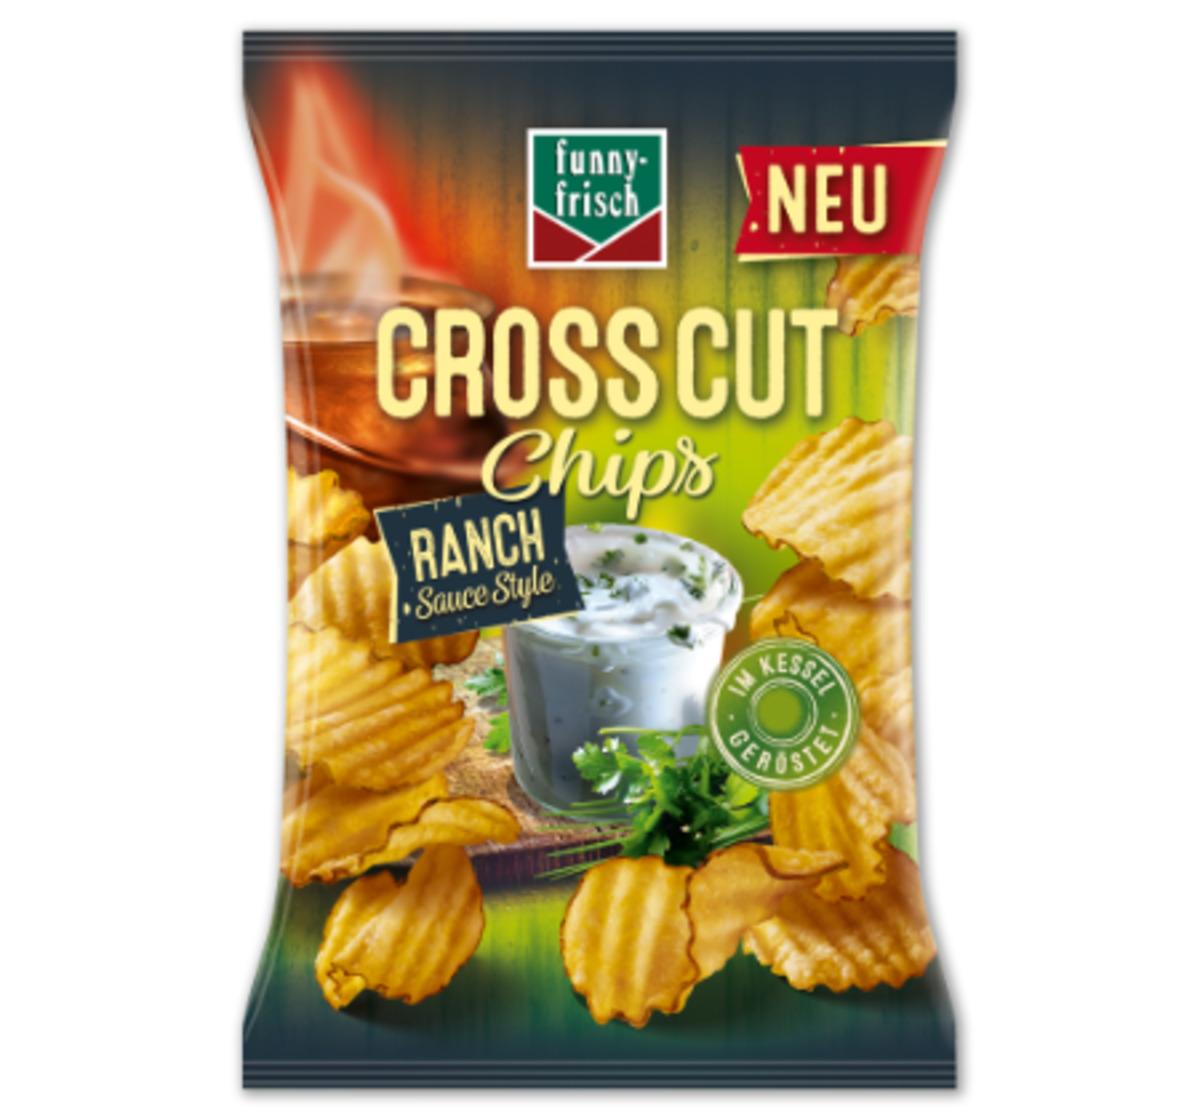 Bild 1 von FUNNY-FRISCH Cross Cut Chips